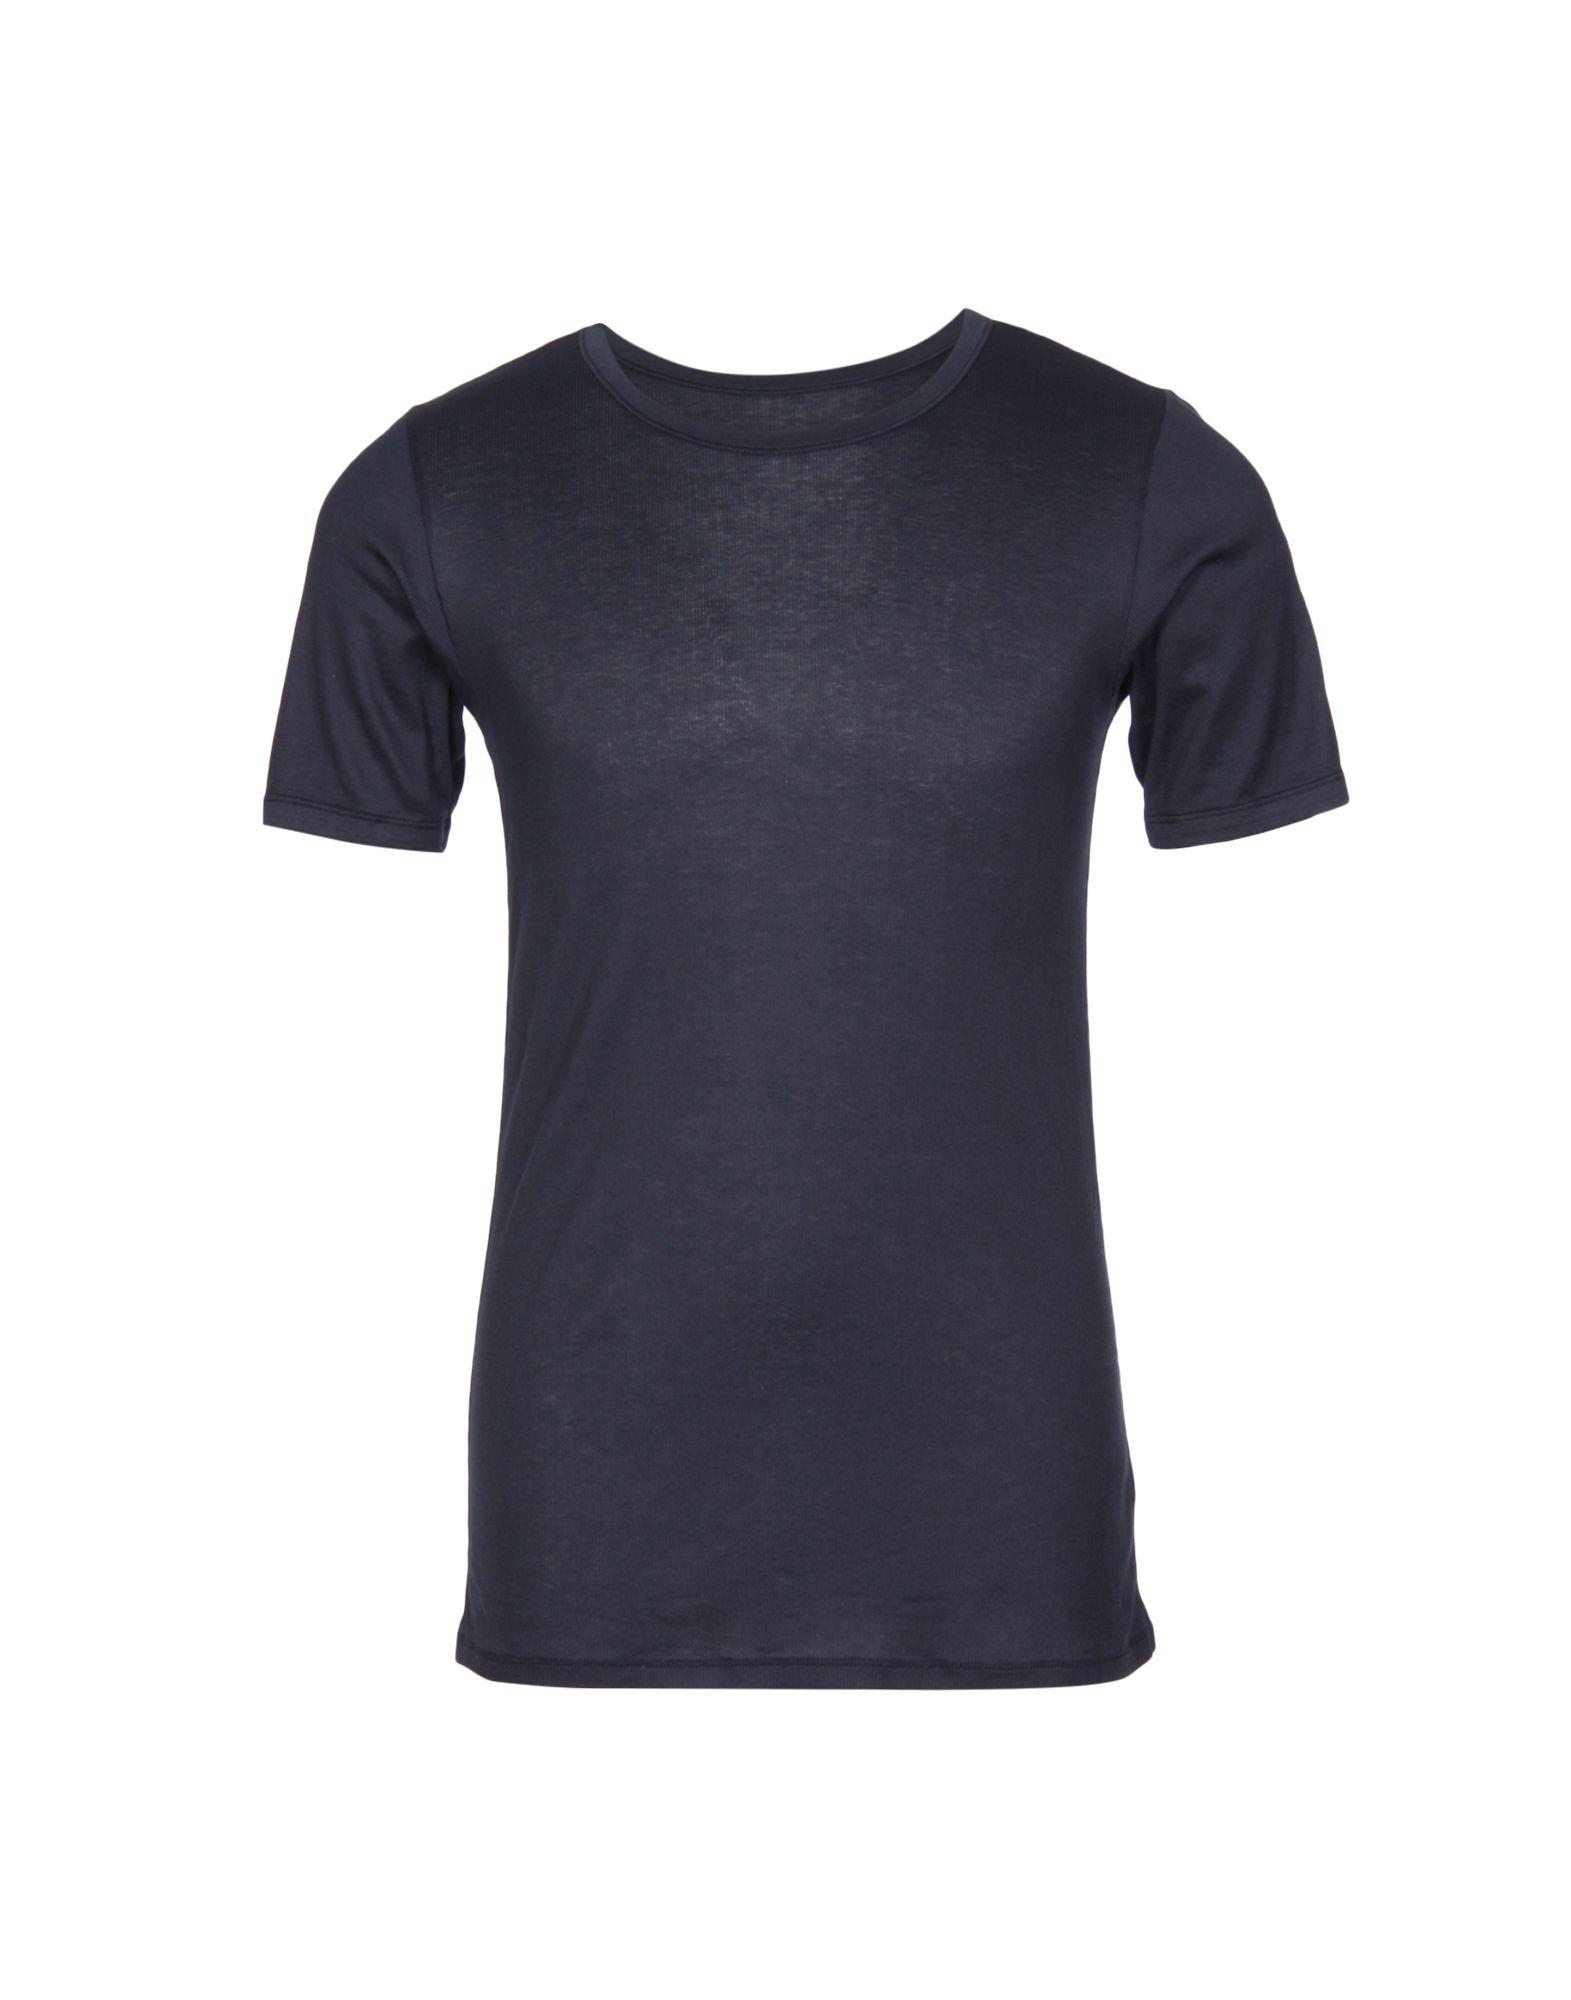 SCHIESSER Undershirts in Dark Blue